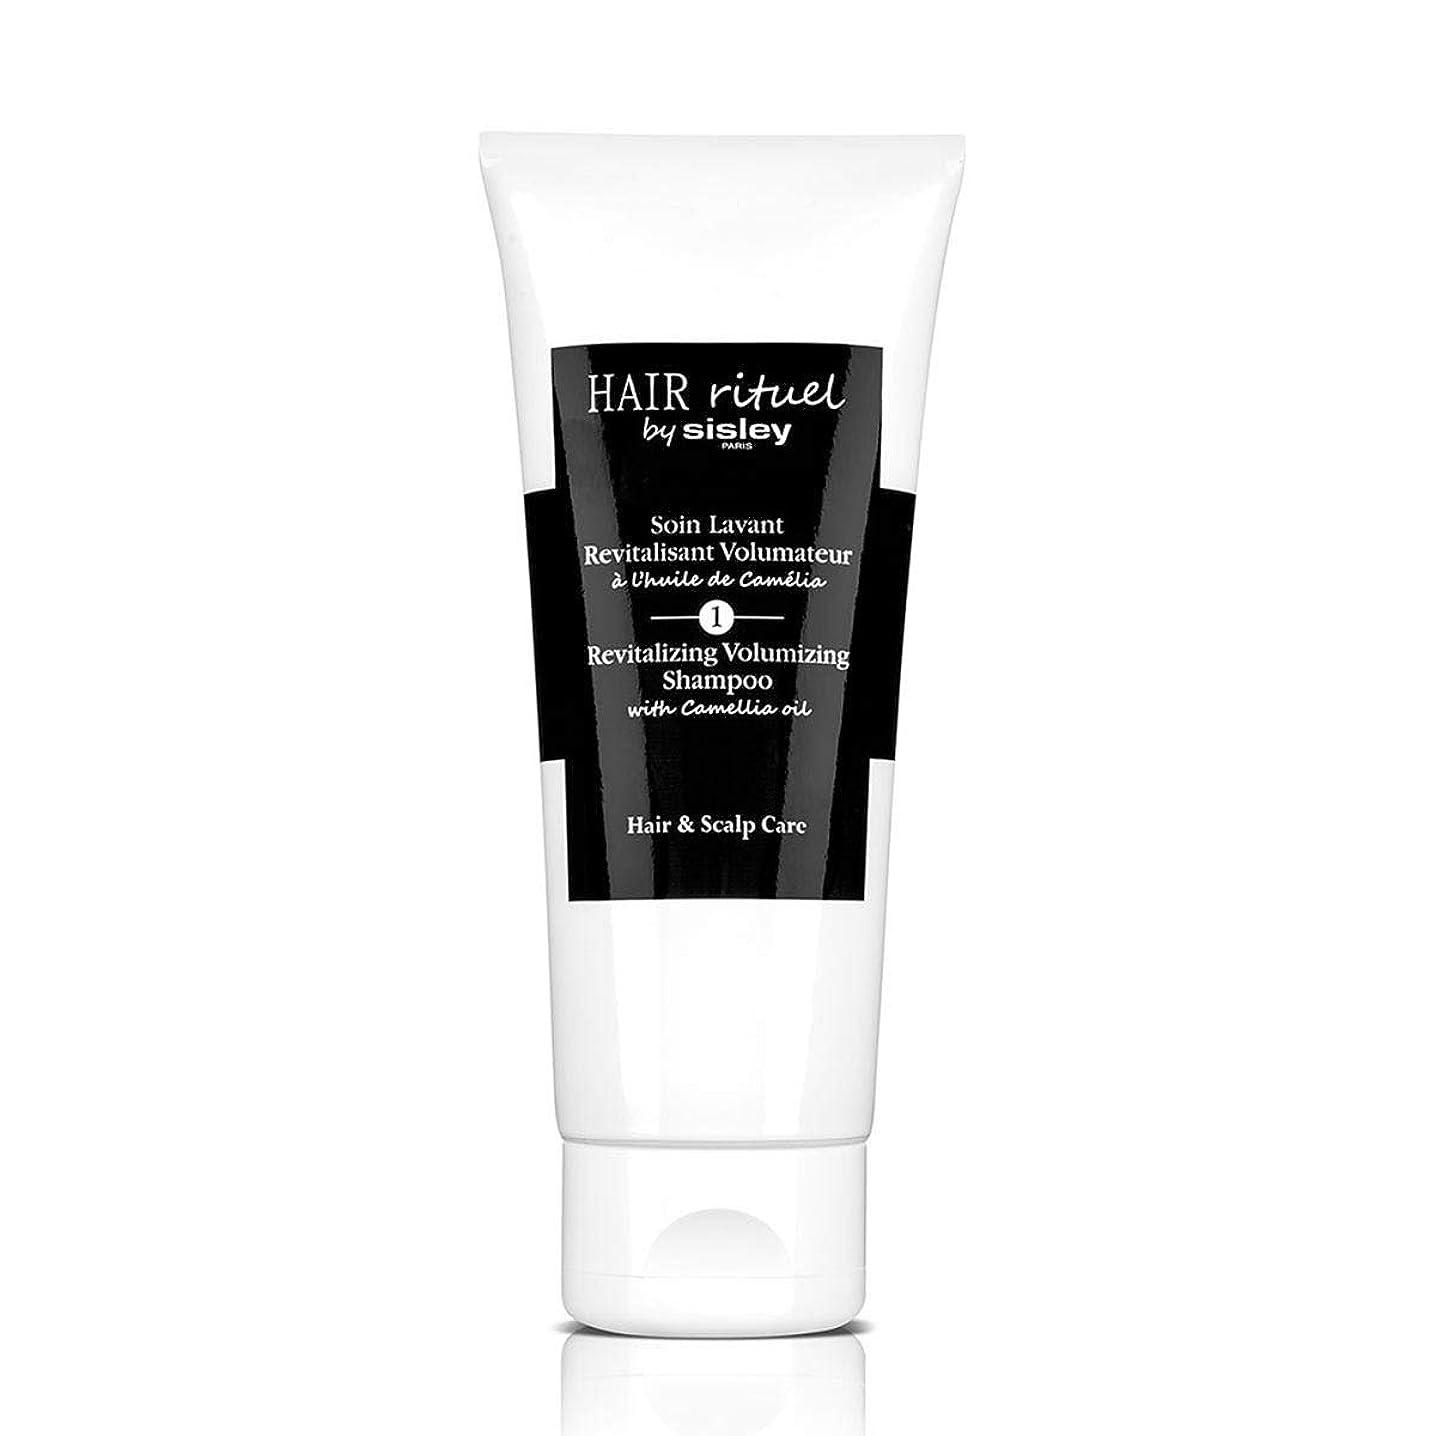 限界服を洗う分割シスレー Hair Rituel by Sisley Revitalizing Volumizing Shampoo with Camellia Oil 200ml/6.7oz並行輸入品